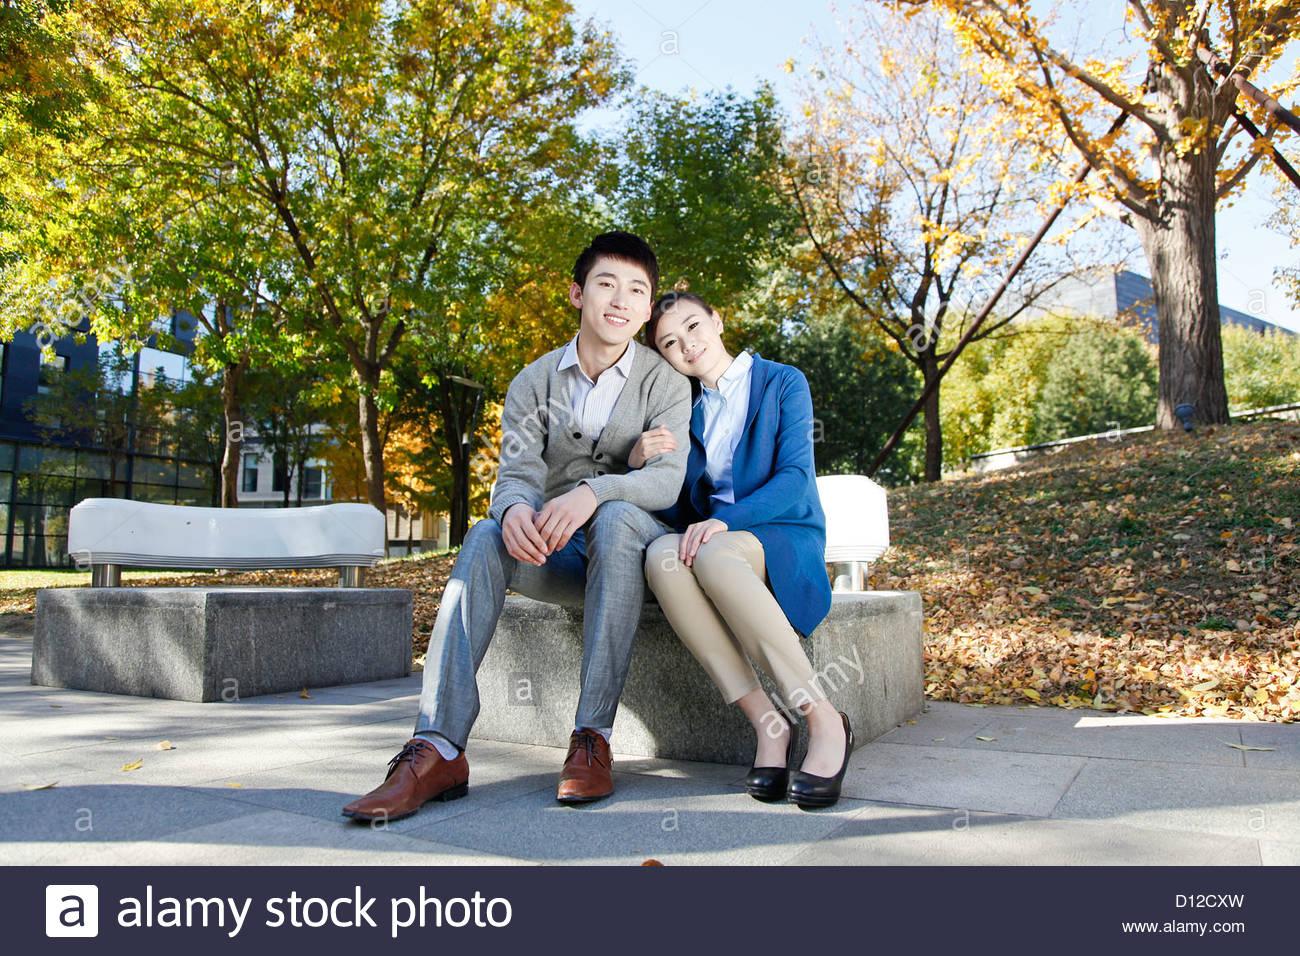 their. looking kostenlose christliche Fotos sweet, passionate